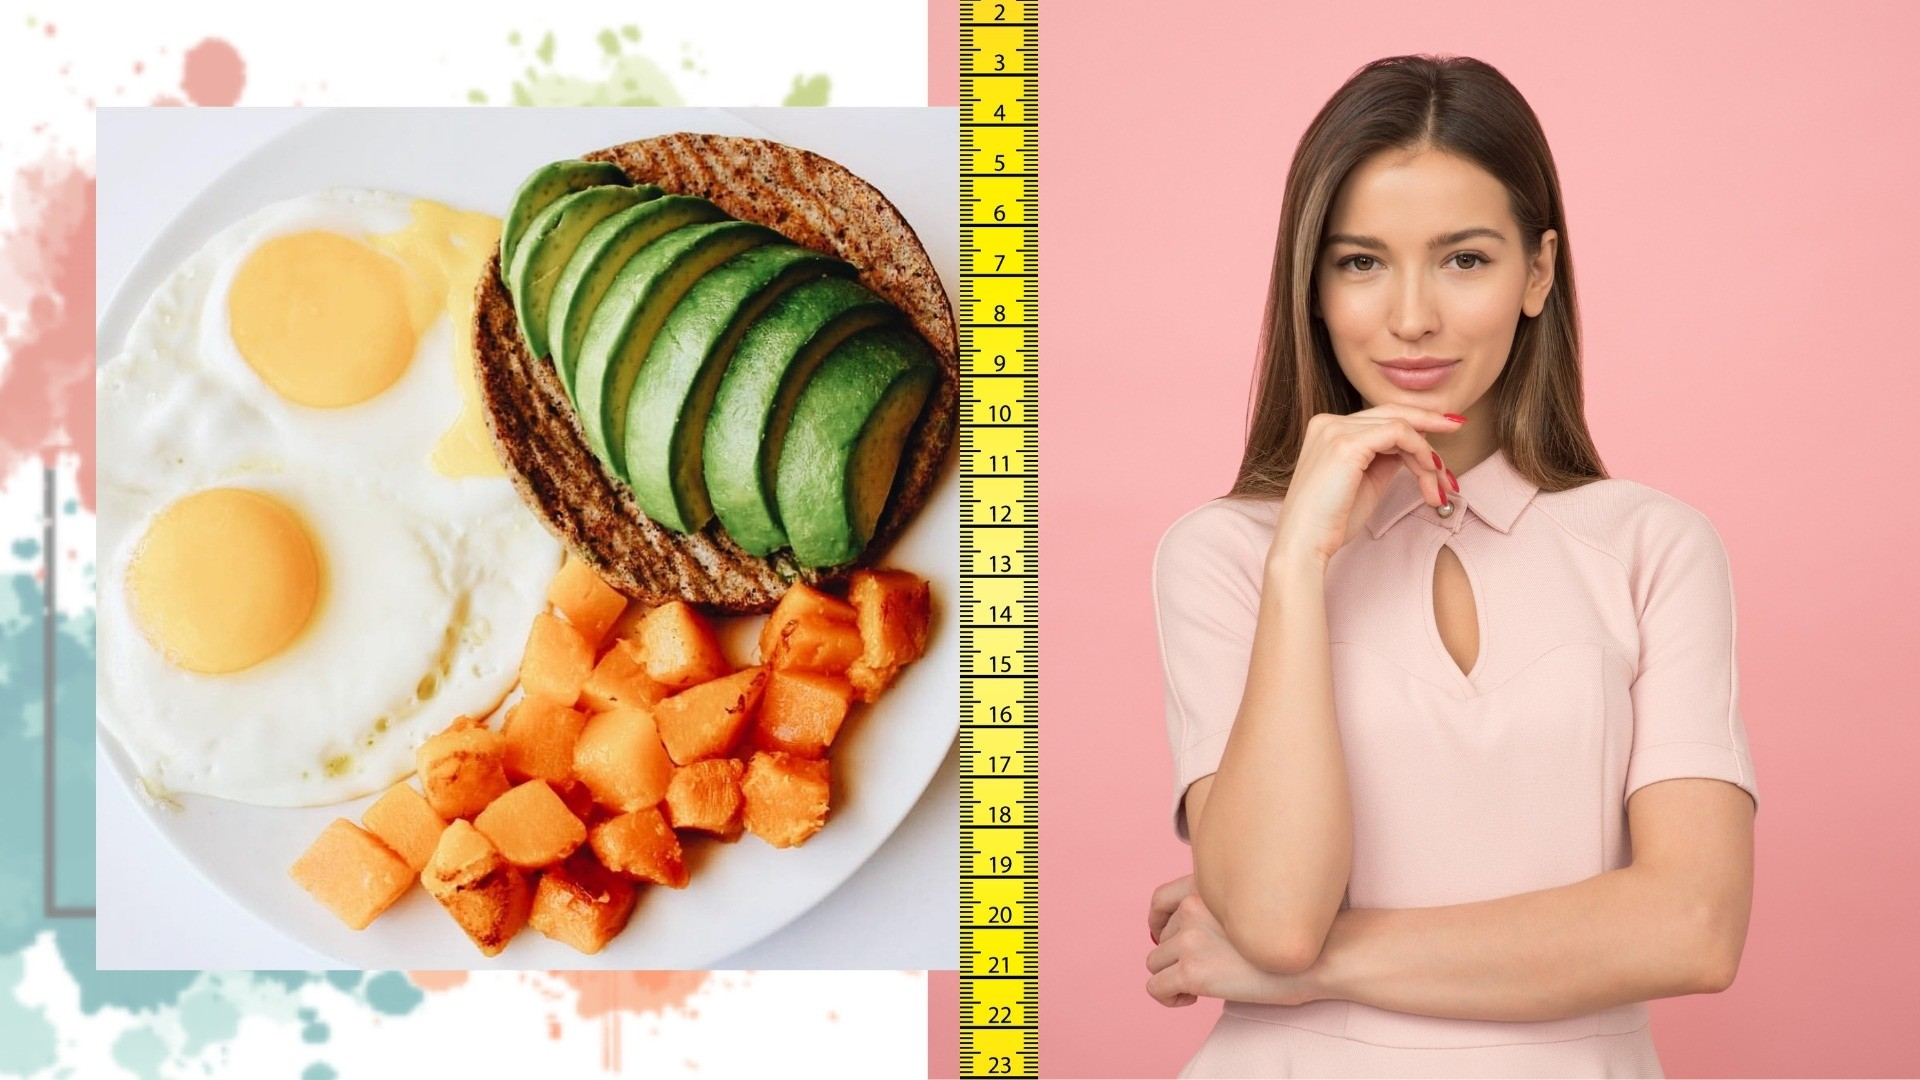 Что такое кето-диета для похудения  основные принципы и меню 406cb8369a1